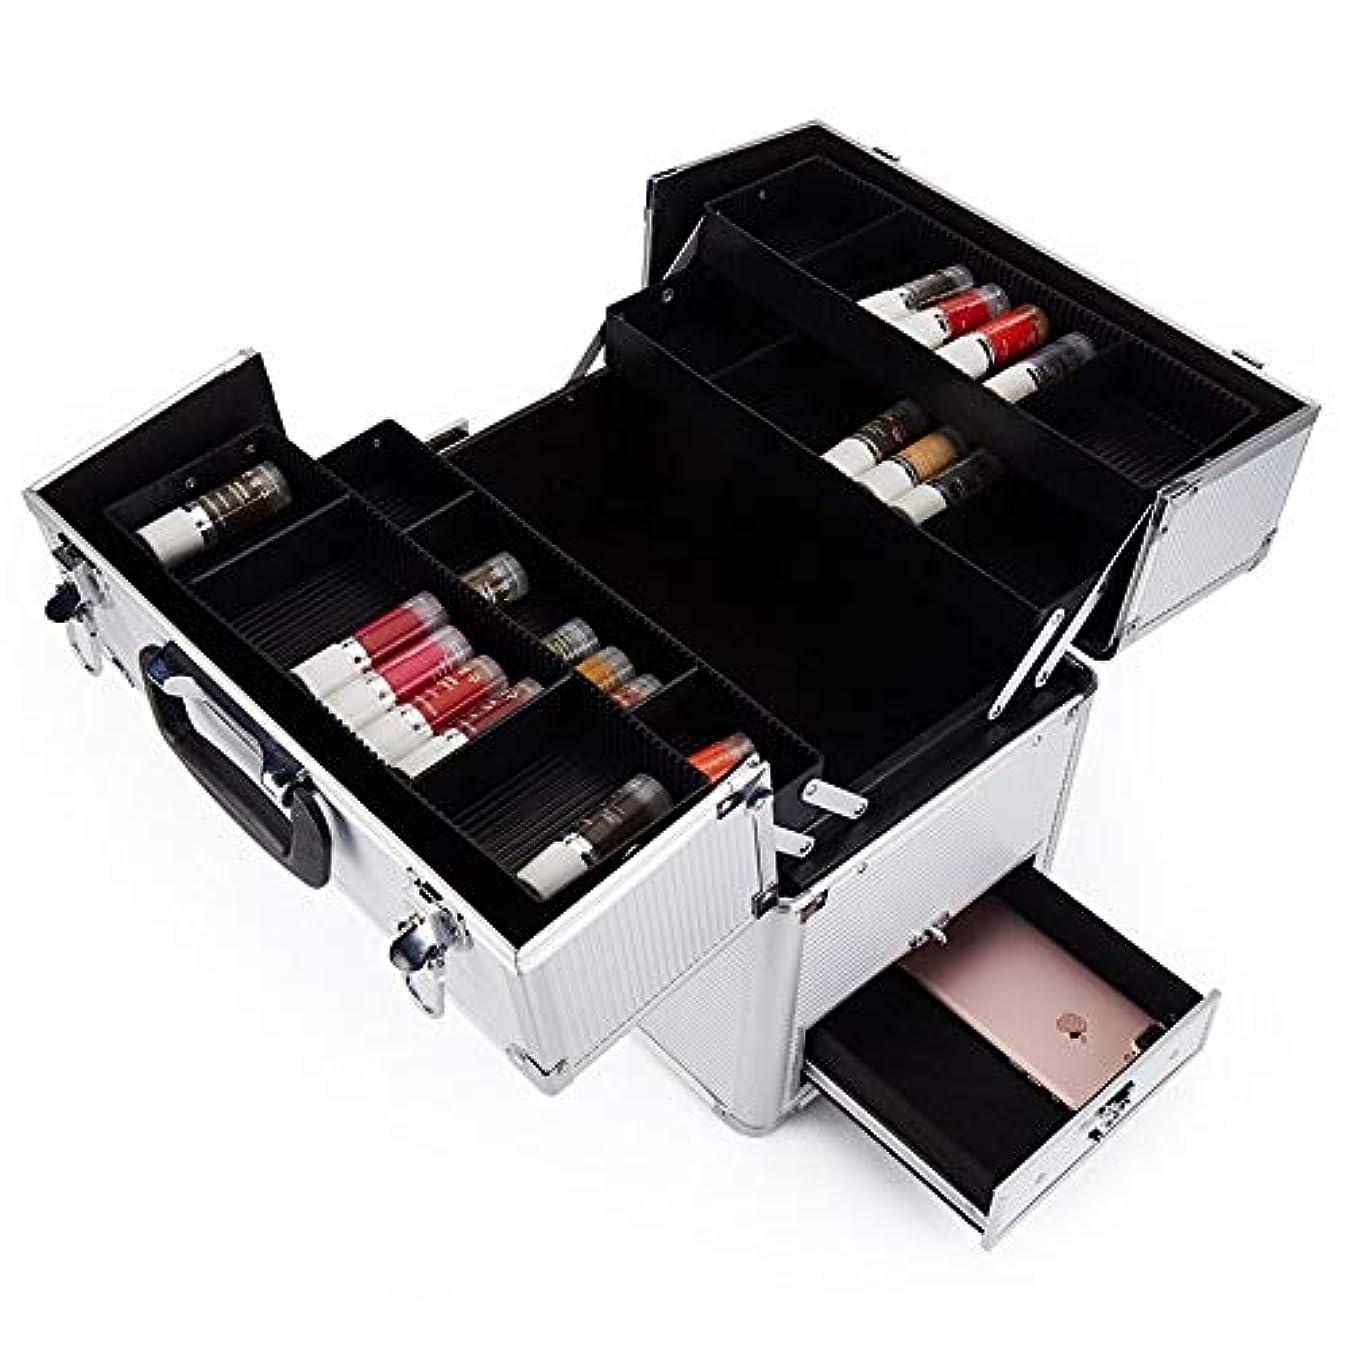 説明する軽食ハッピー特大スペース収納ビューティーボックス 美の構造のためそしてジッパーおよび折る皿が付いている女の子の女性旅行そして毎日の貯蔵のための高容量の携帯用化粧品袋 化粧品化粧台